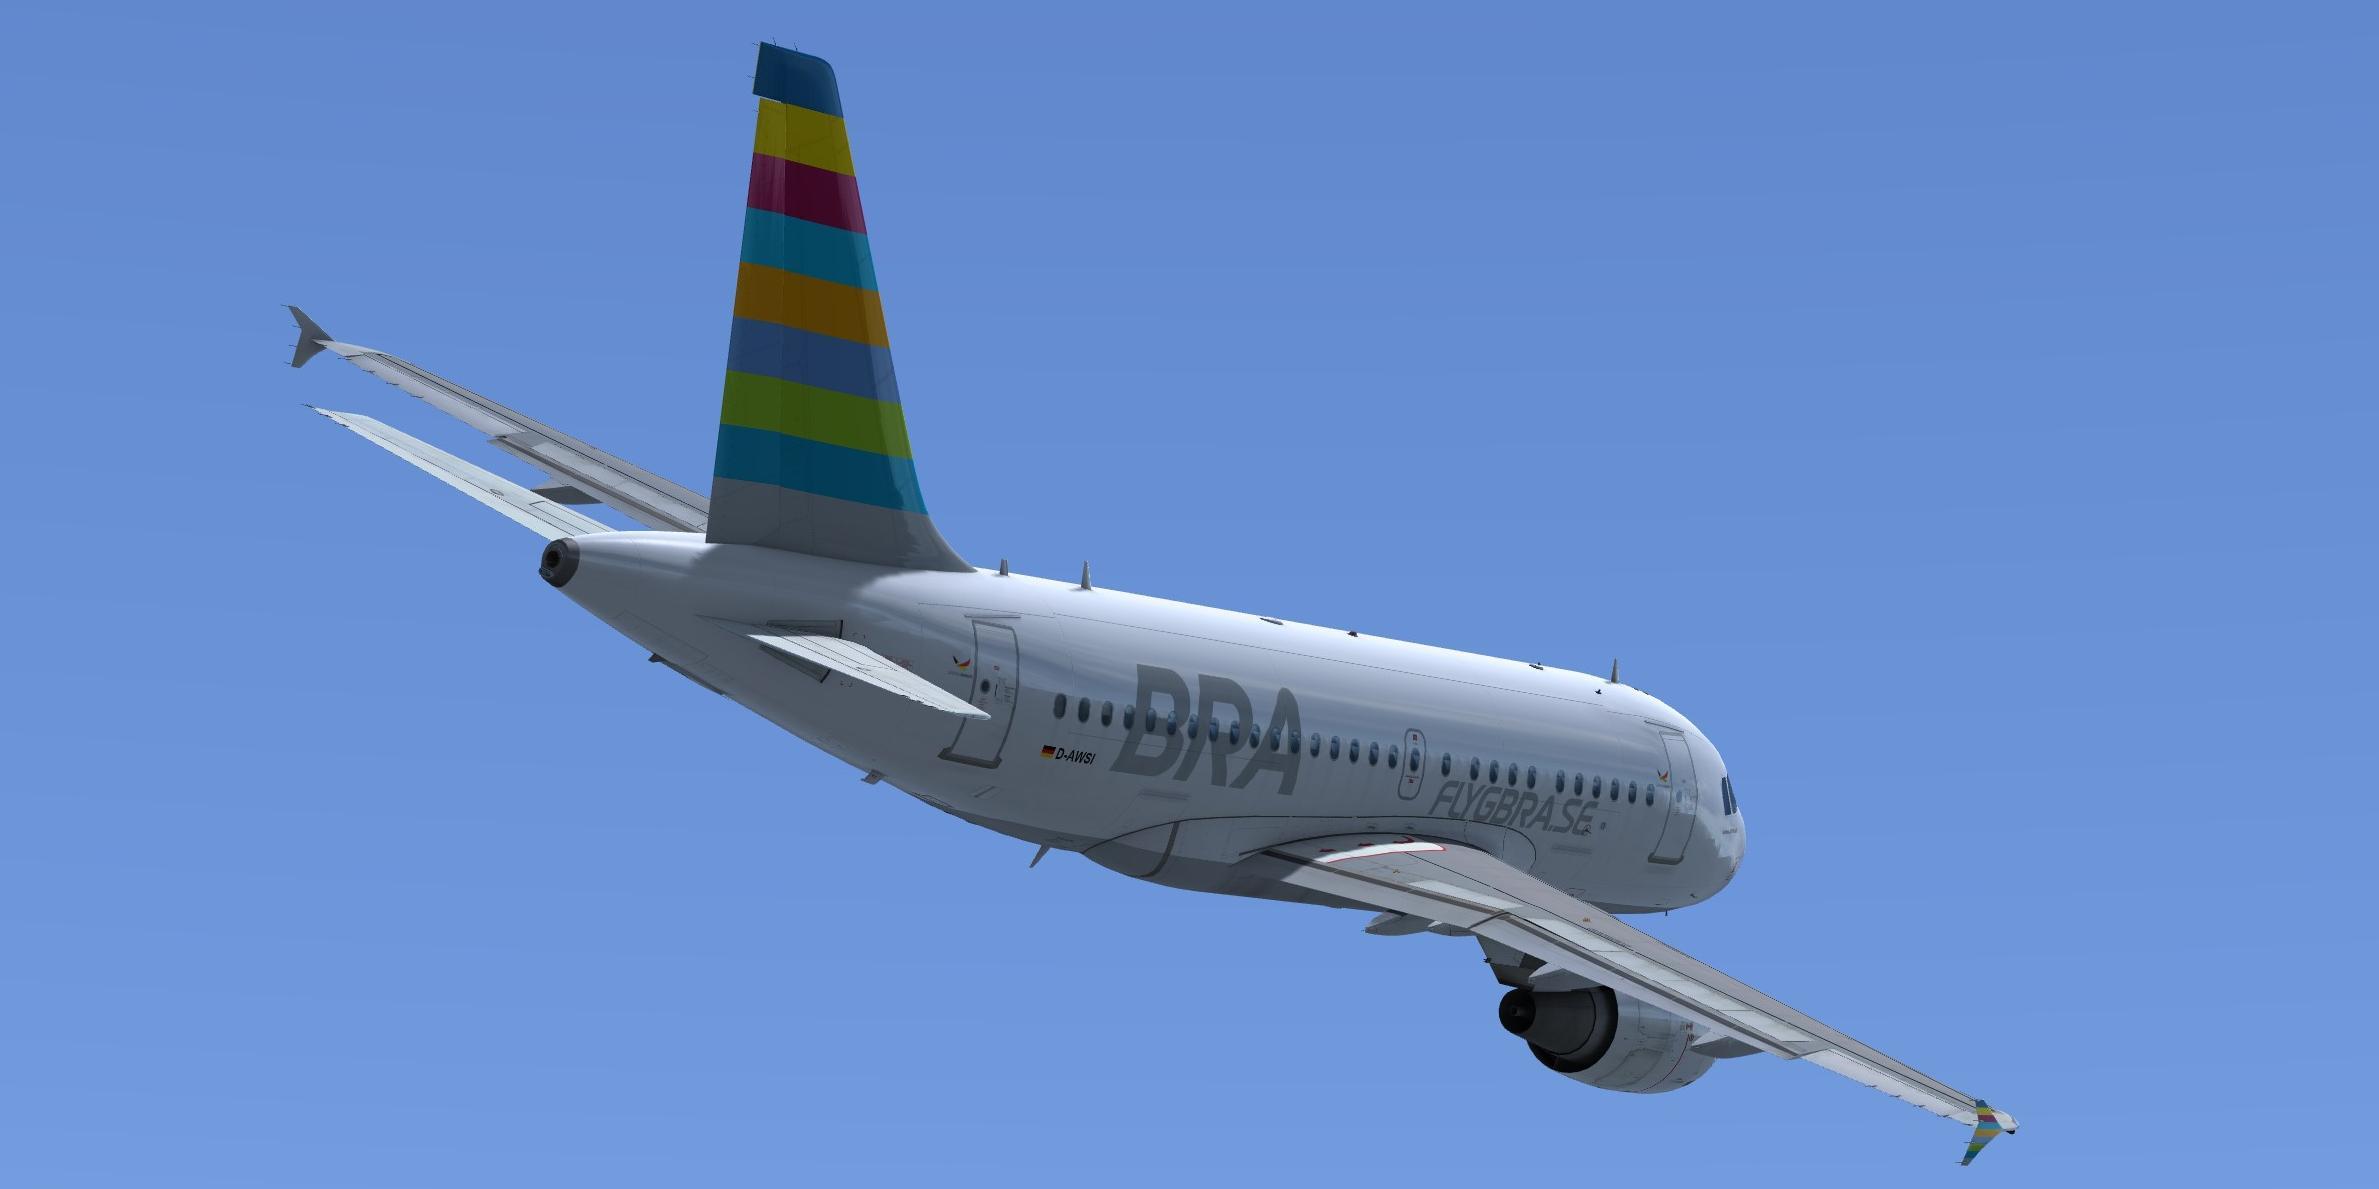 BRA Braathens Regional Airlines Airbus A318-111 CFM